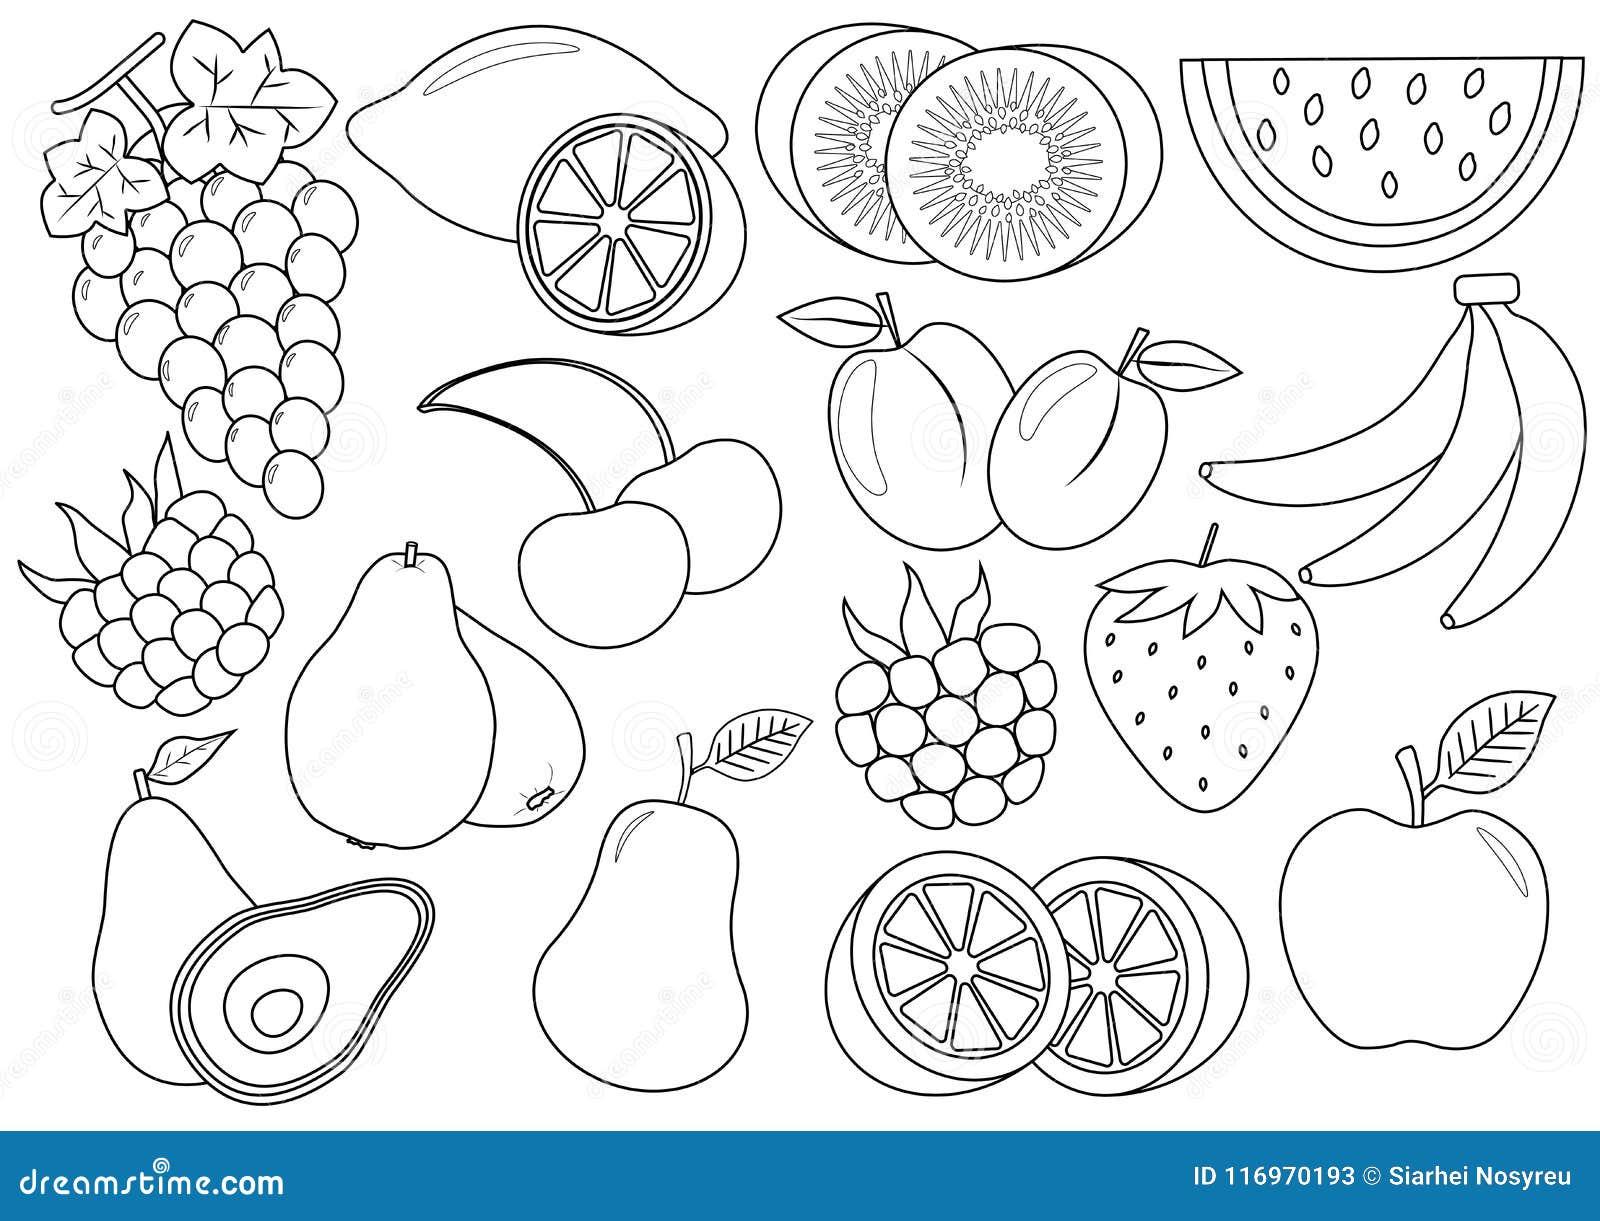 Livre de coloration Fruits et bande dessinée de baies graphismes Vecteur